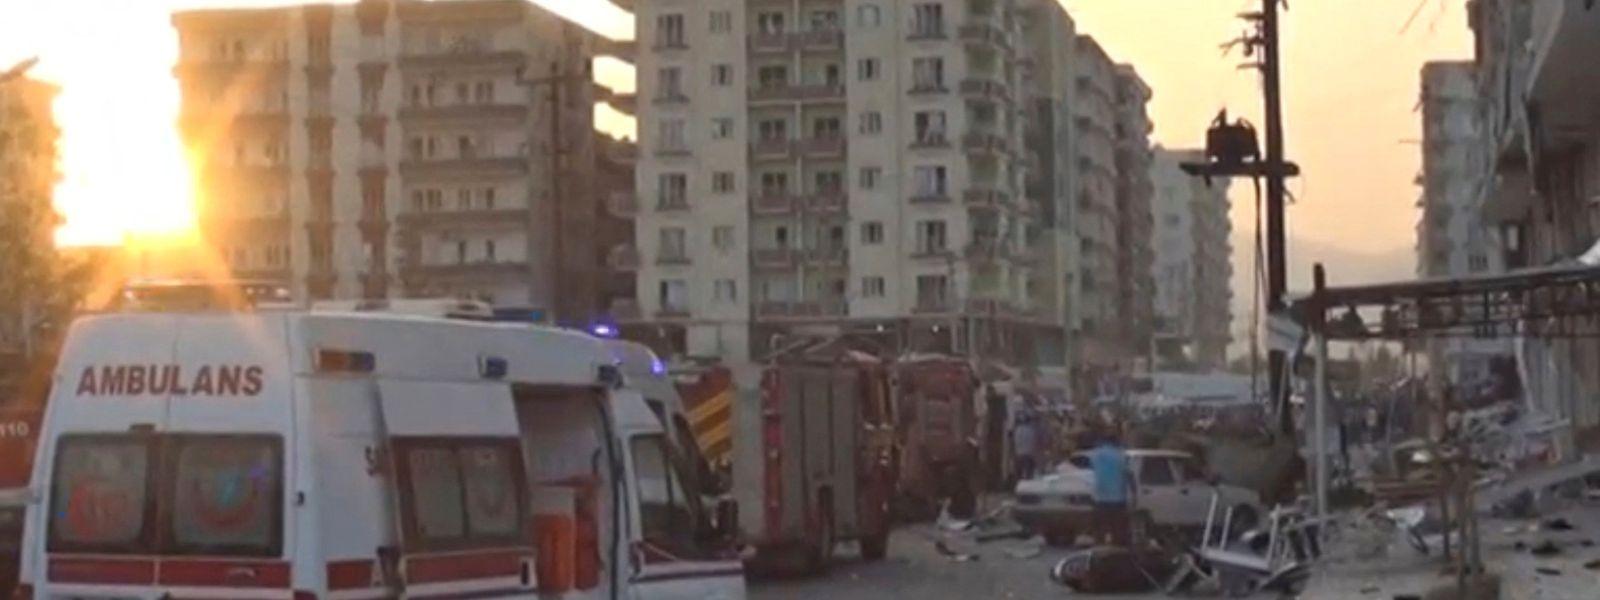 Einsatzkräfte kommen an den Ort, an dem die Bombe detonierte.